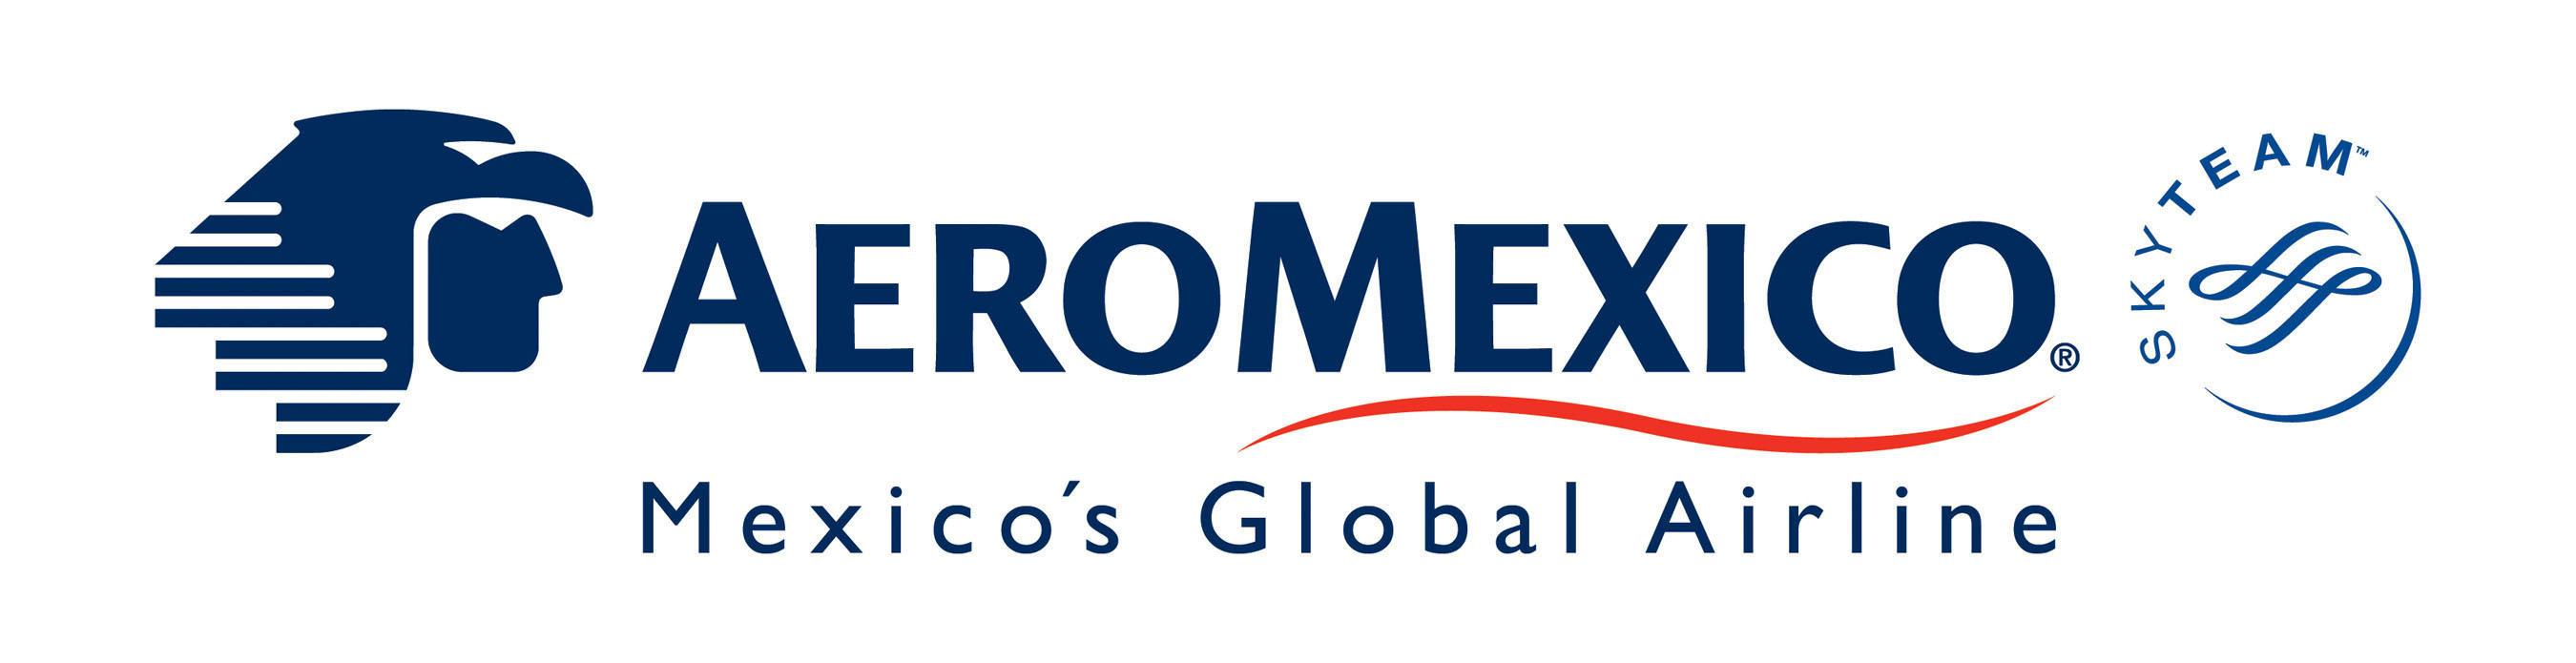 Aeromexico annonce l'ouverture d'une nouvelle ligne - Mexico - Panama